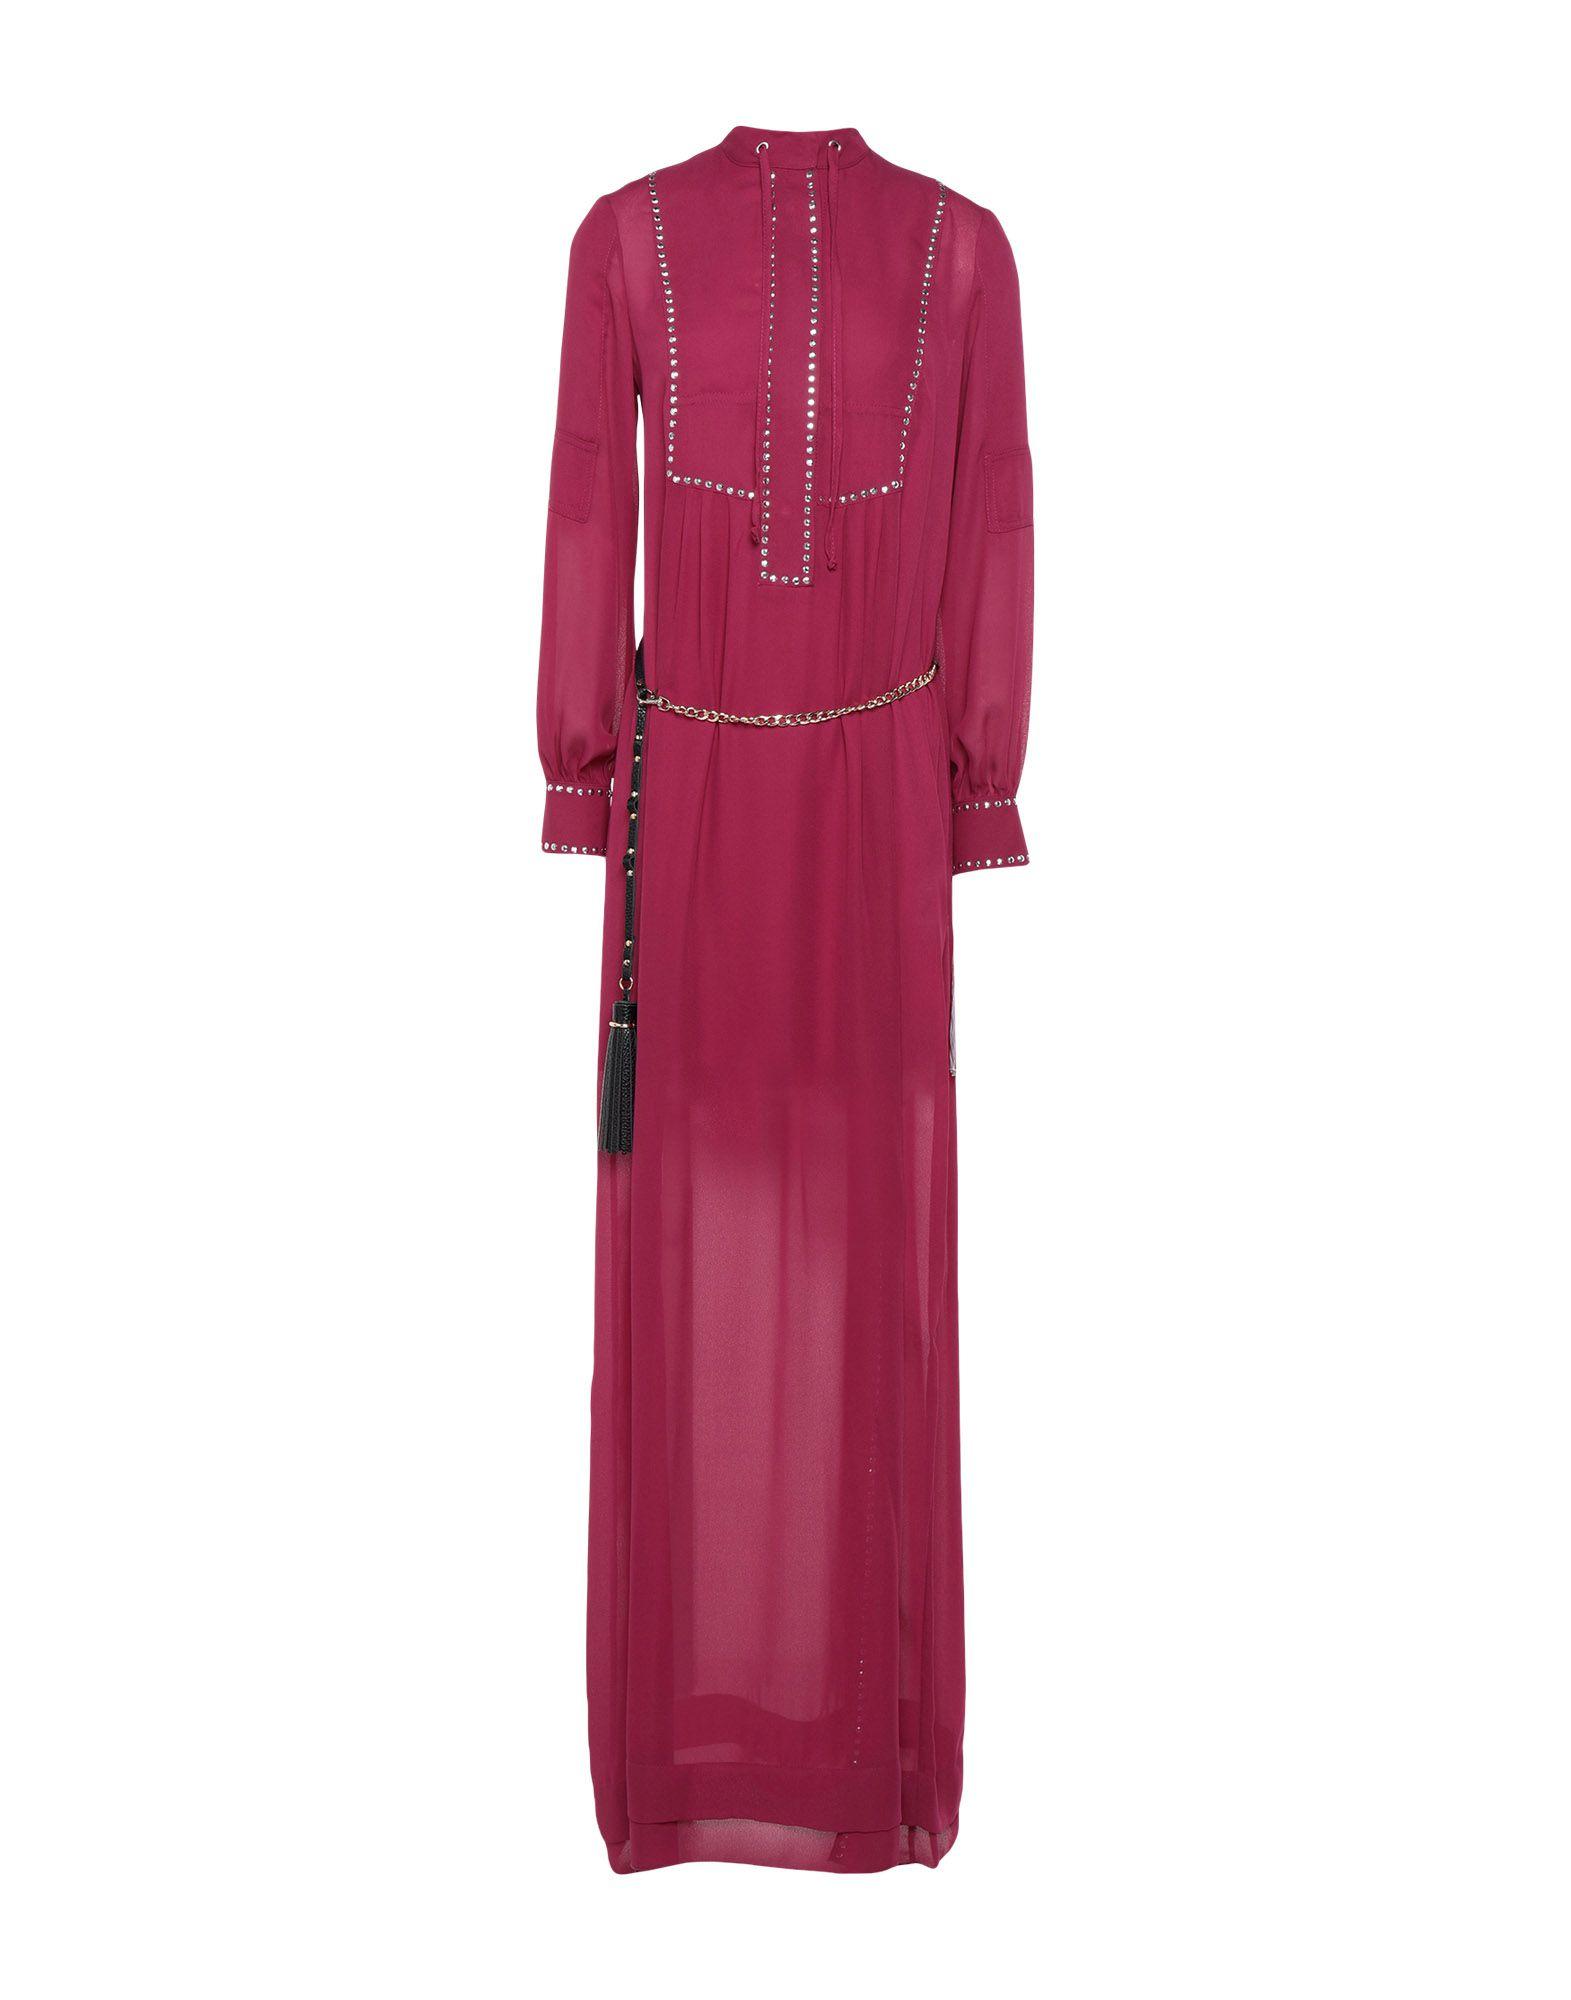 《セール開催中》BABYLON レディース ロングワンピース&ドレス ガーネット 42 ポリエステル 100%